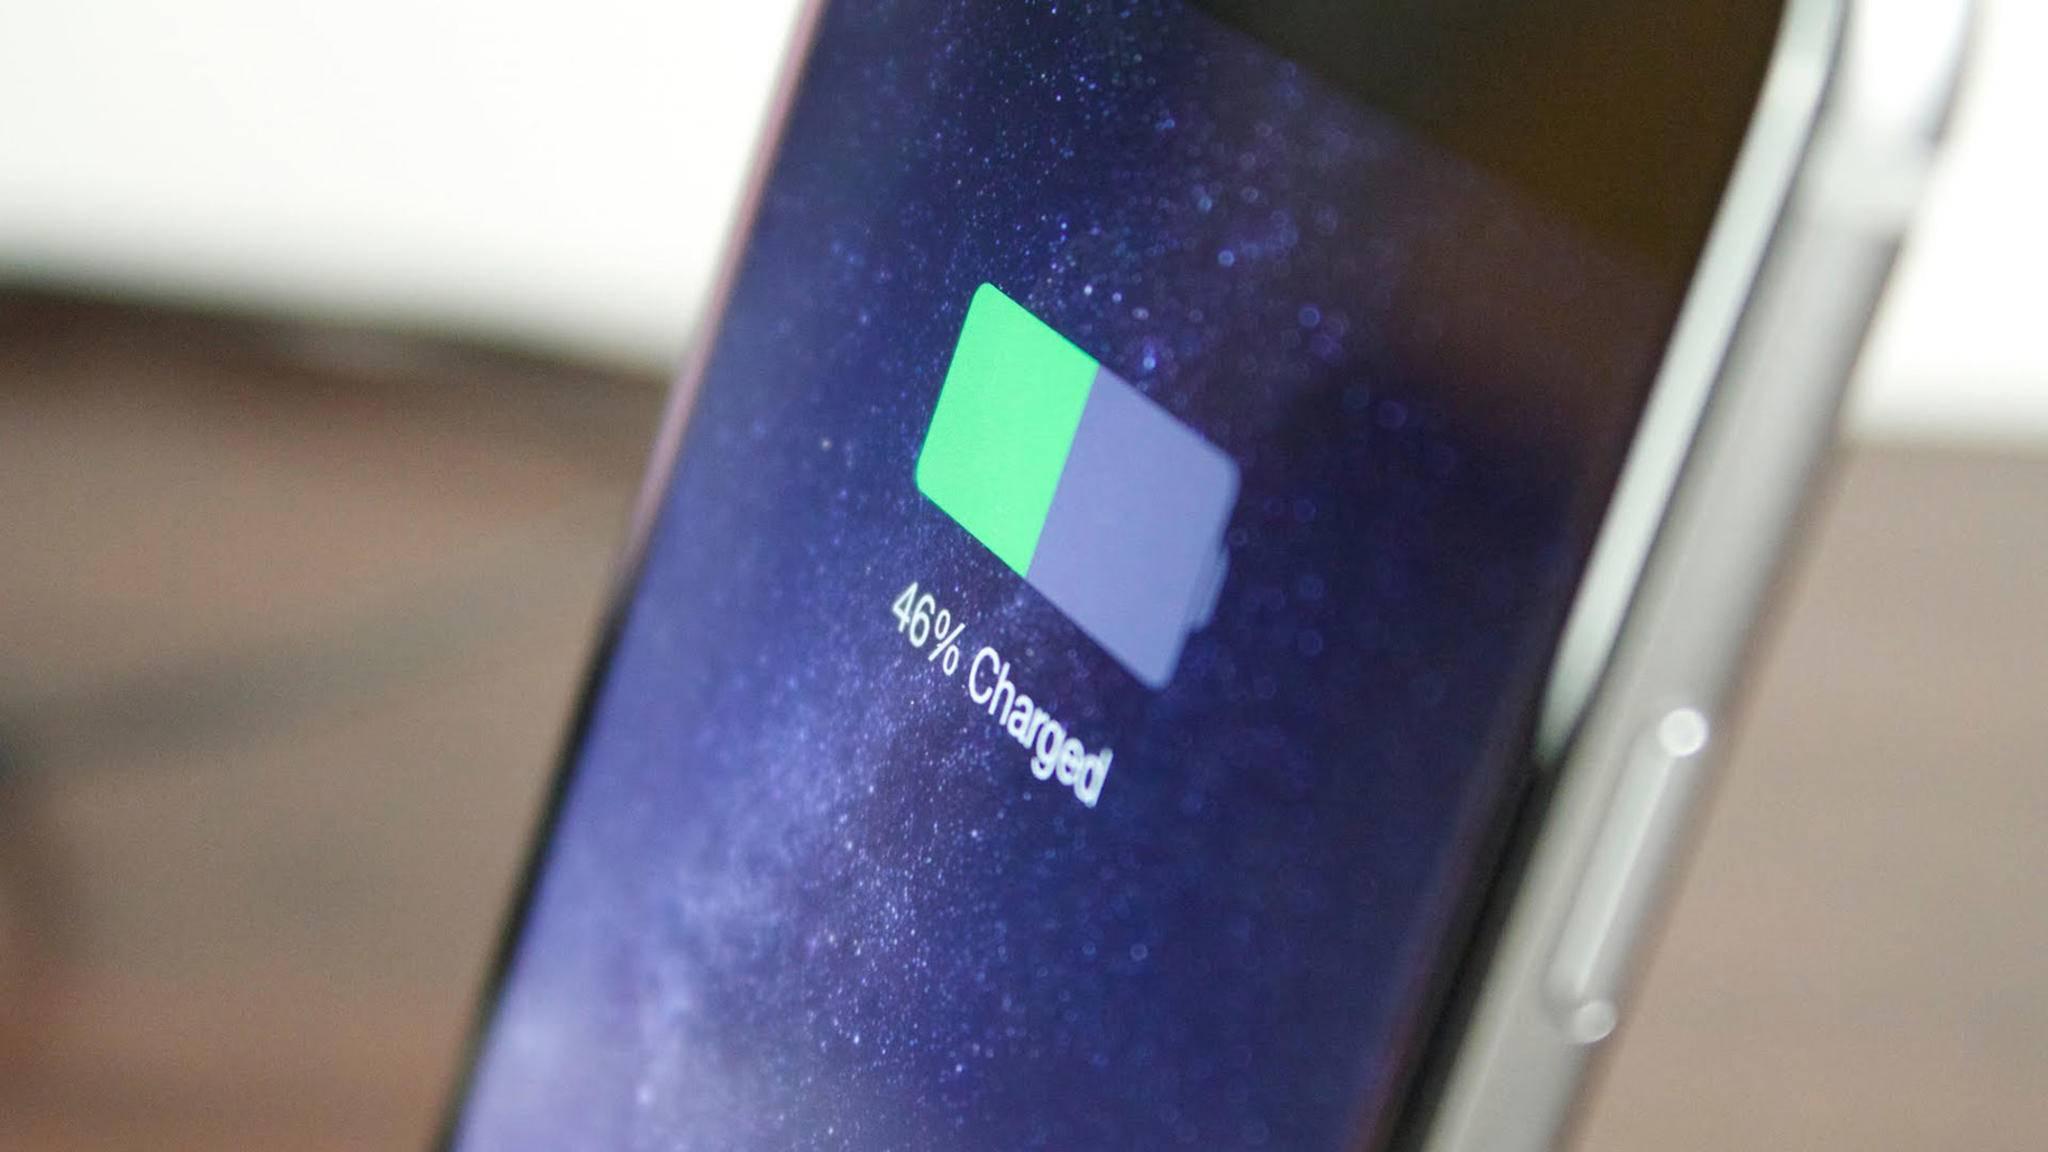 Damit das automatische iCloud-Backup funktioniert, muss das iPhone an eine Stromquelle angeschlossen sein.